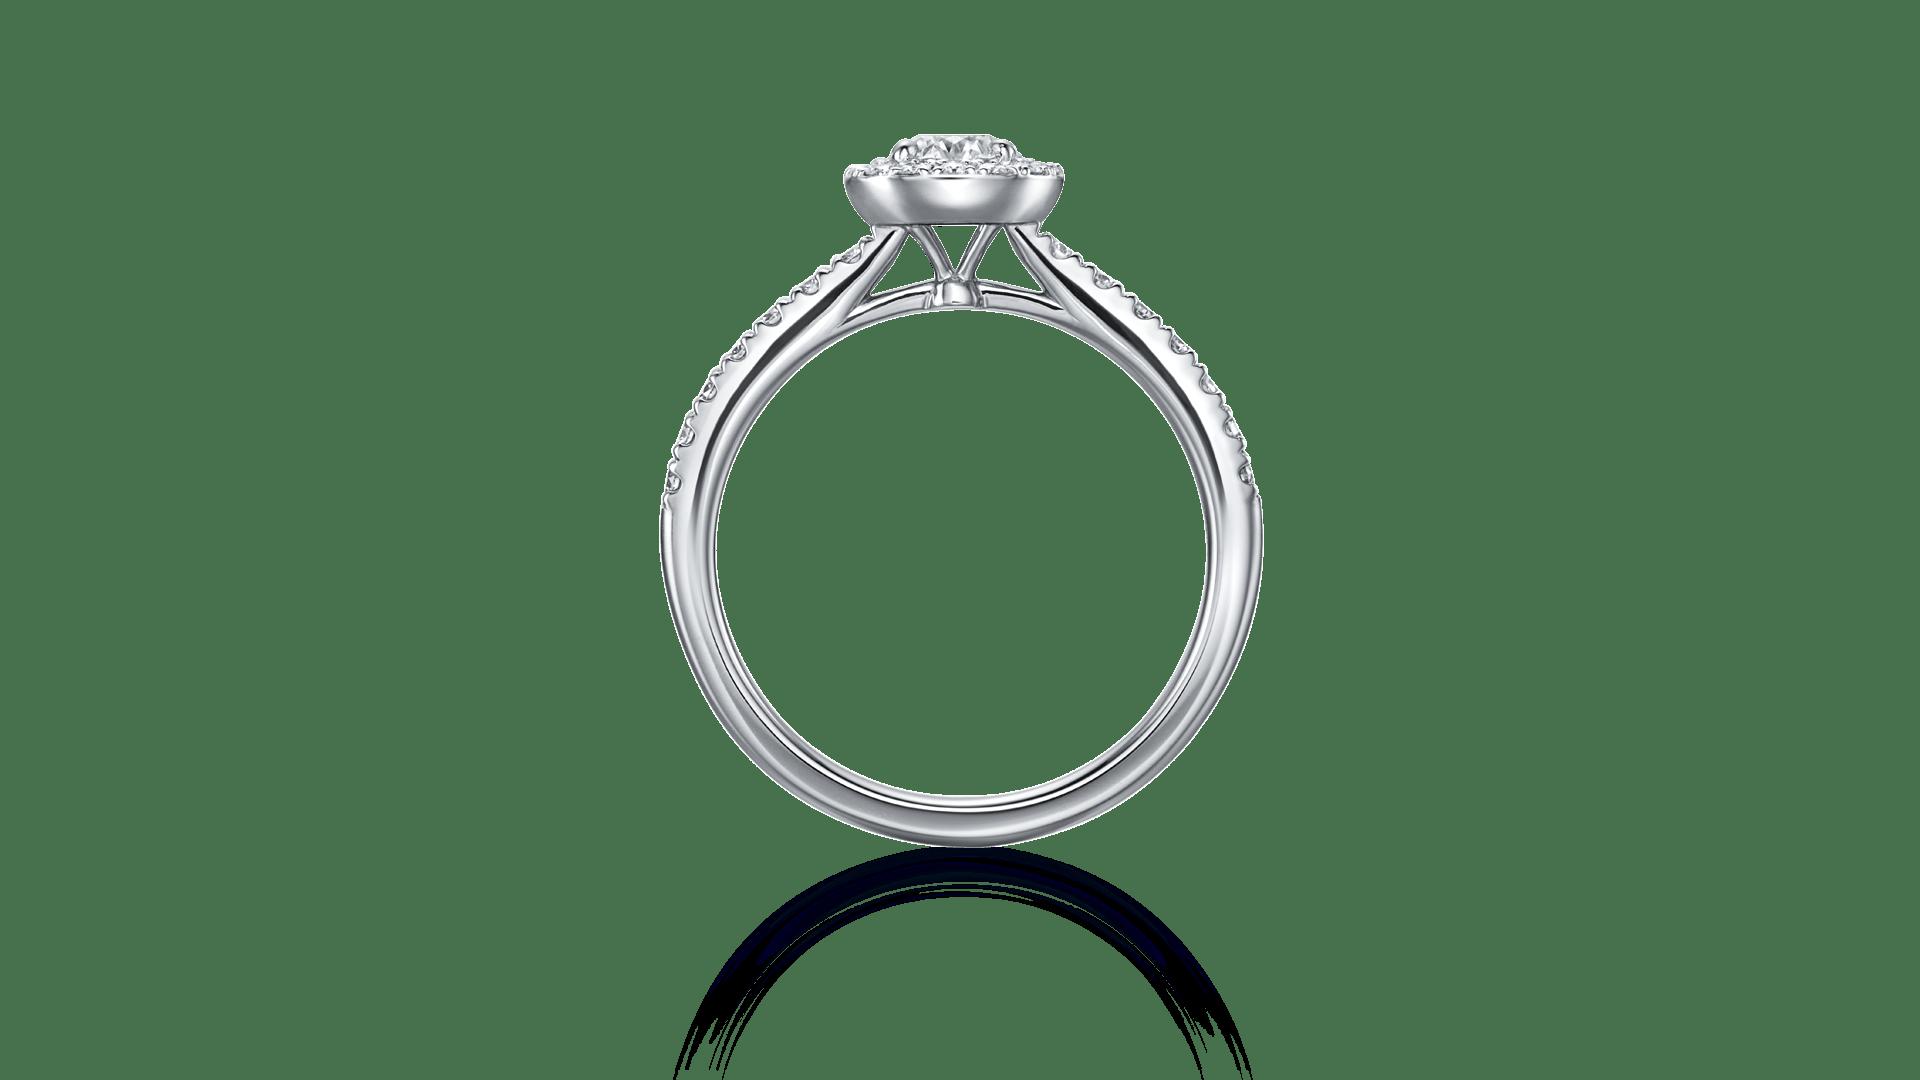 fomalhaut ete フォーマルハウト Ete | 婚約指輪サムネイル 2